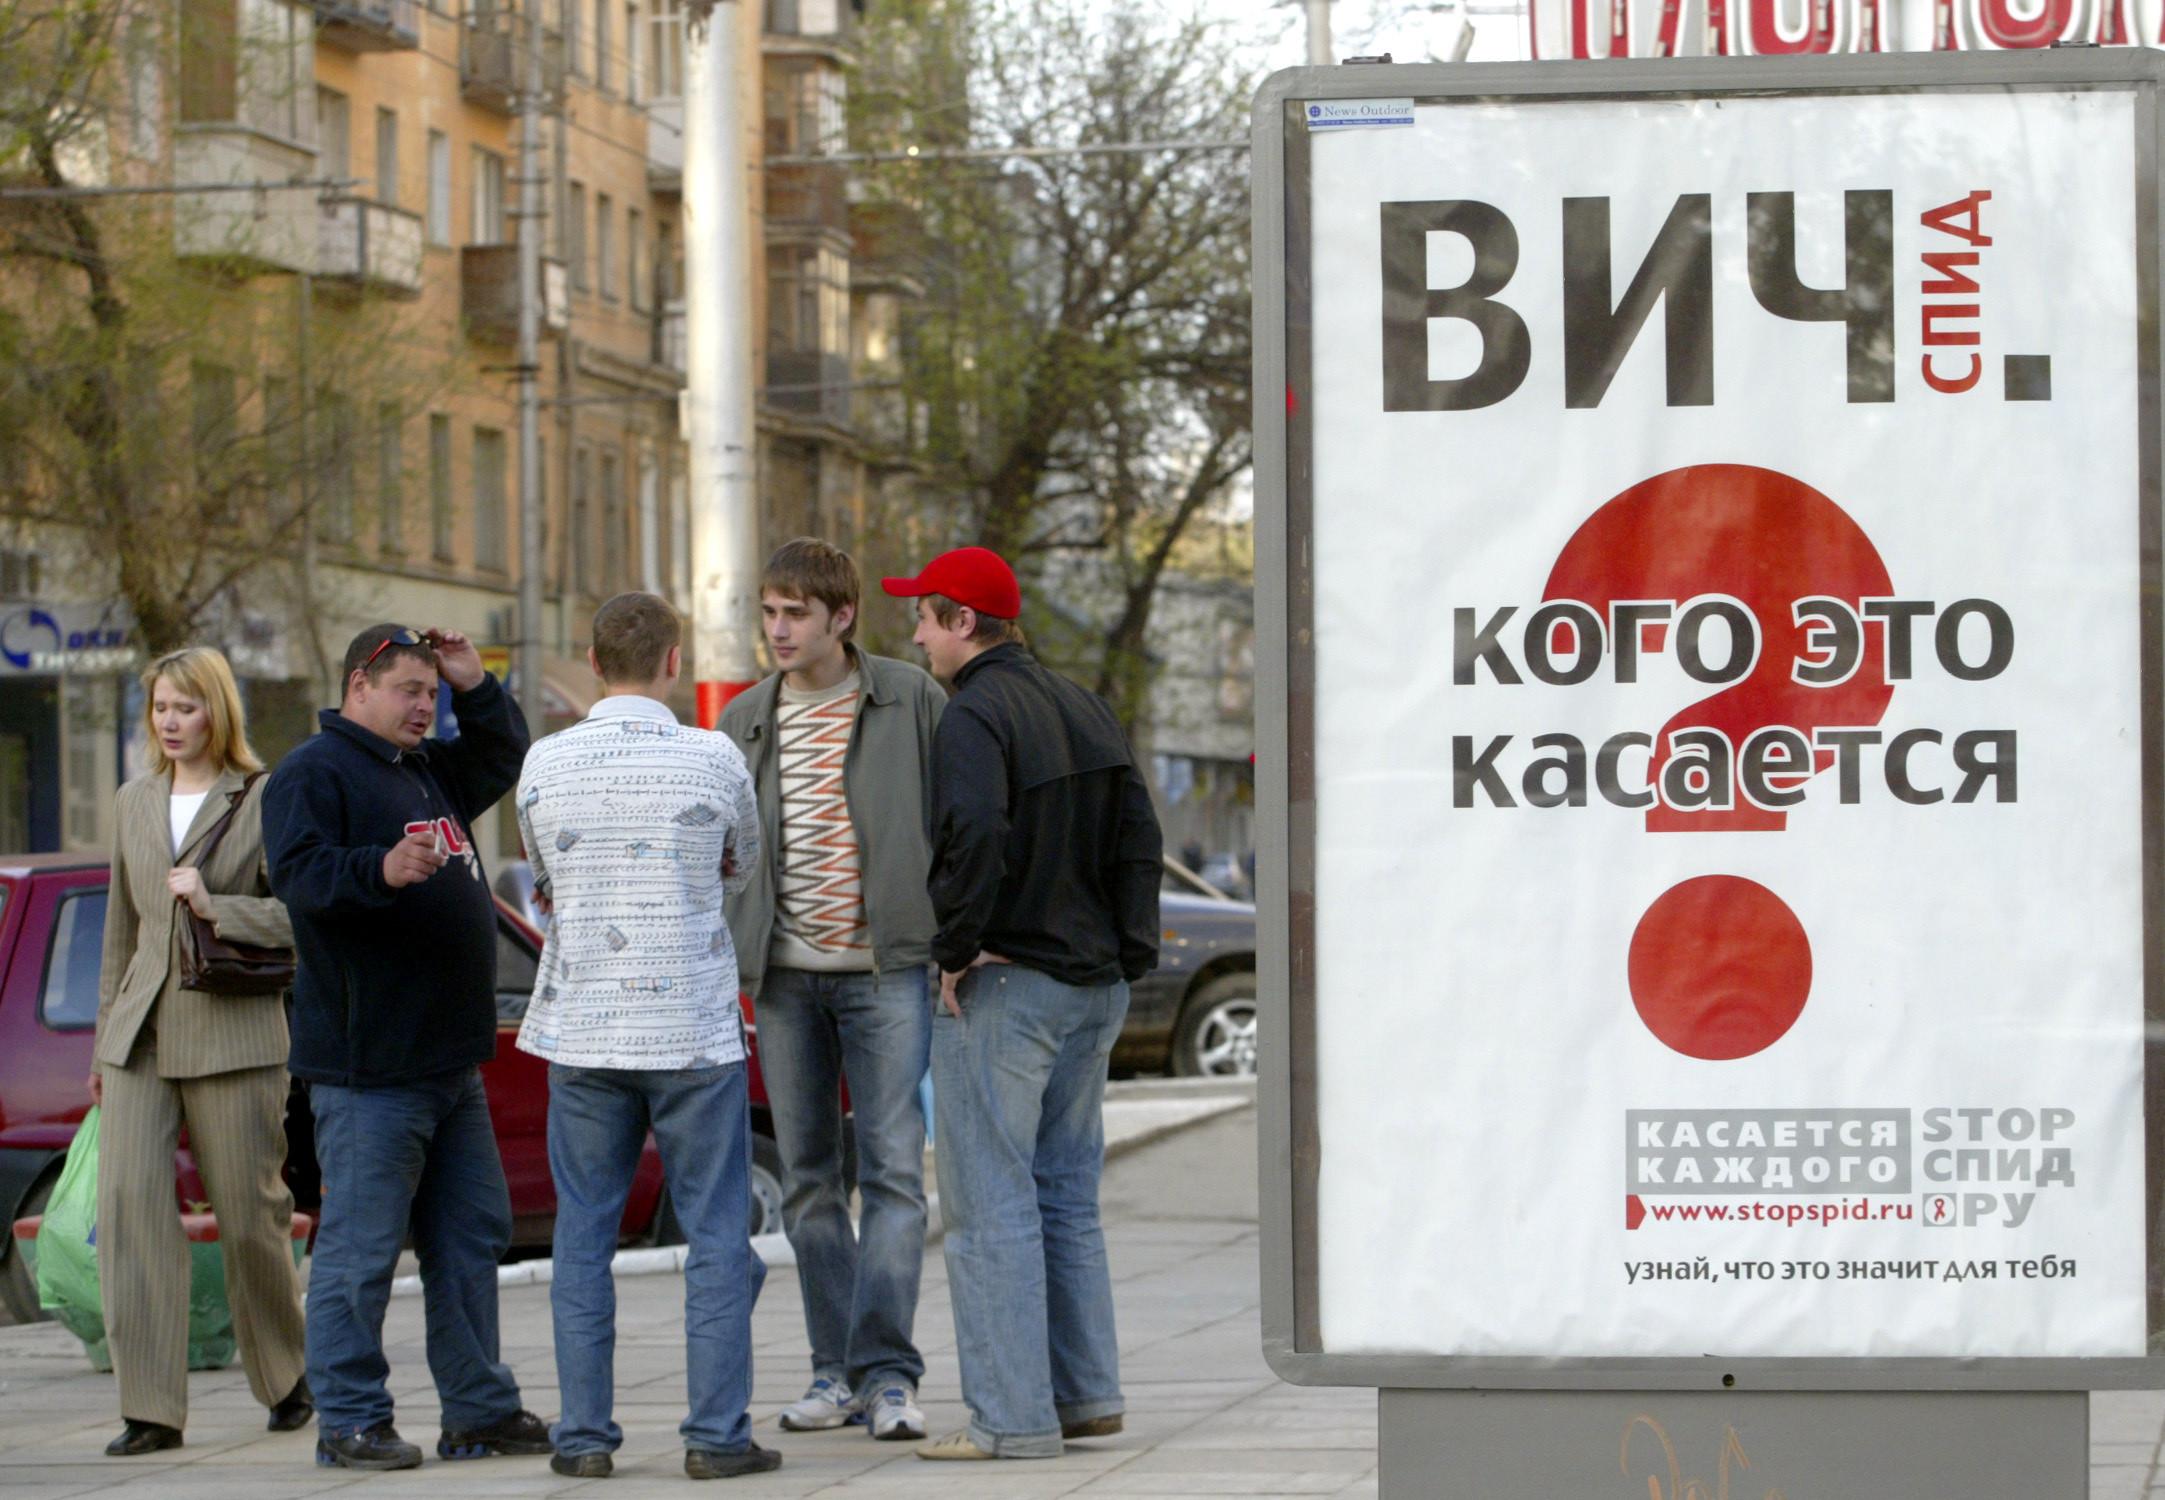 russia aids hiv